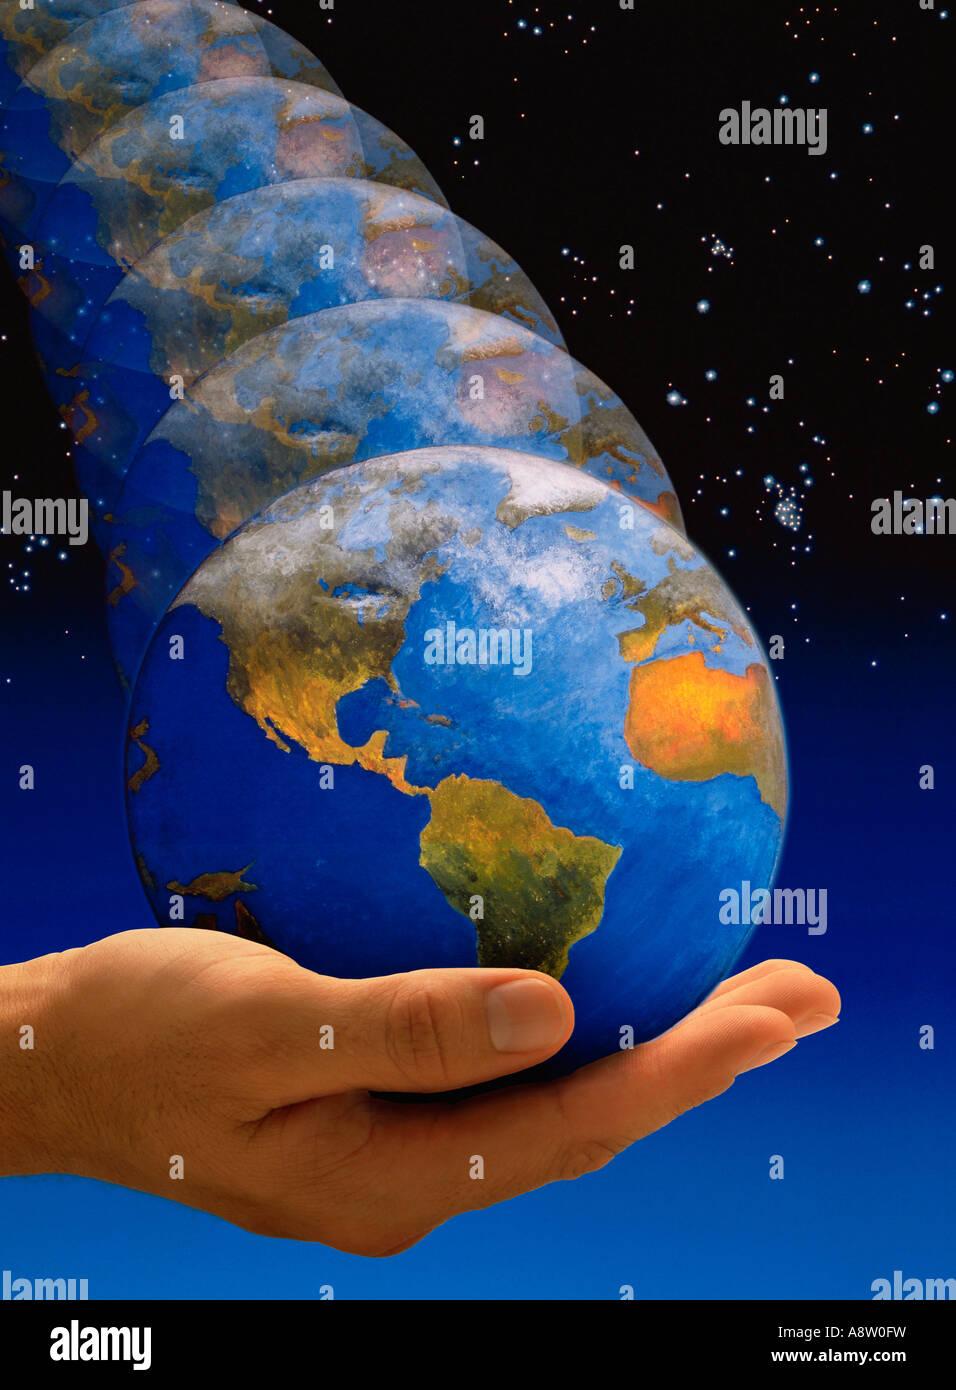 Concepto montage de planeta tierra planeta rebotando en la palma de la mano del hombre. Imagen De Stock